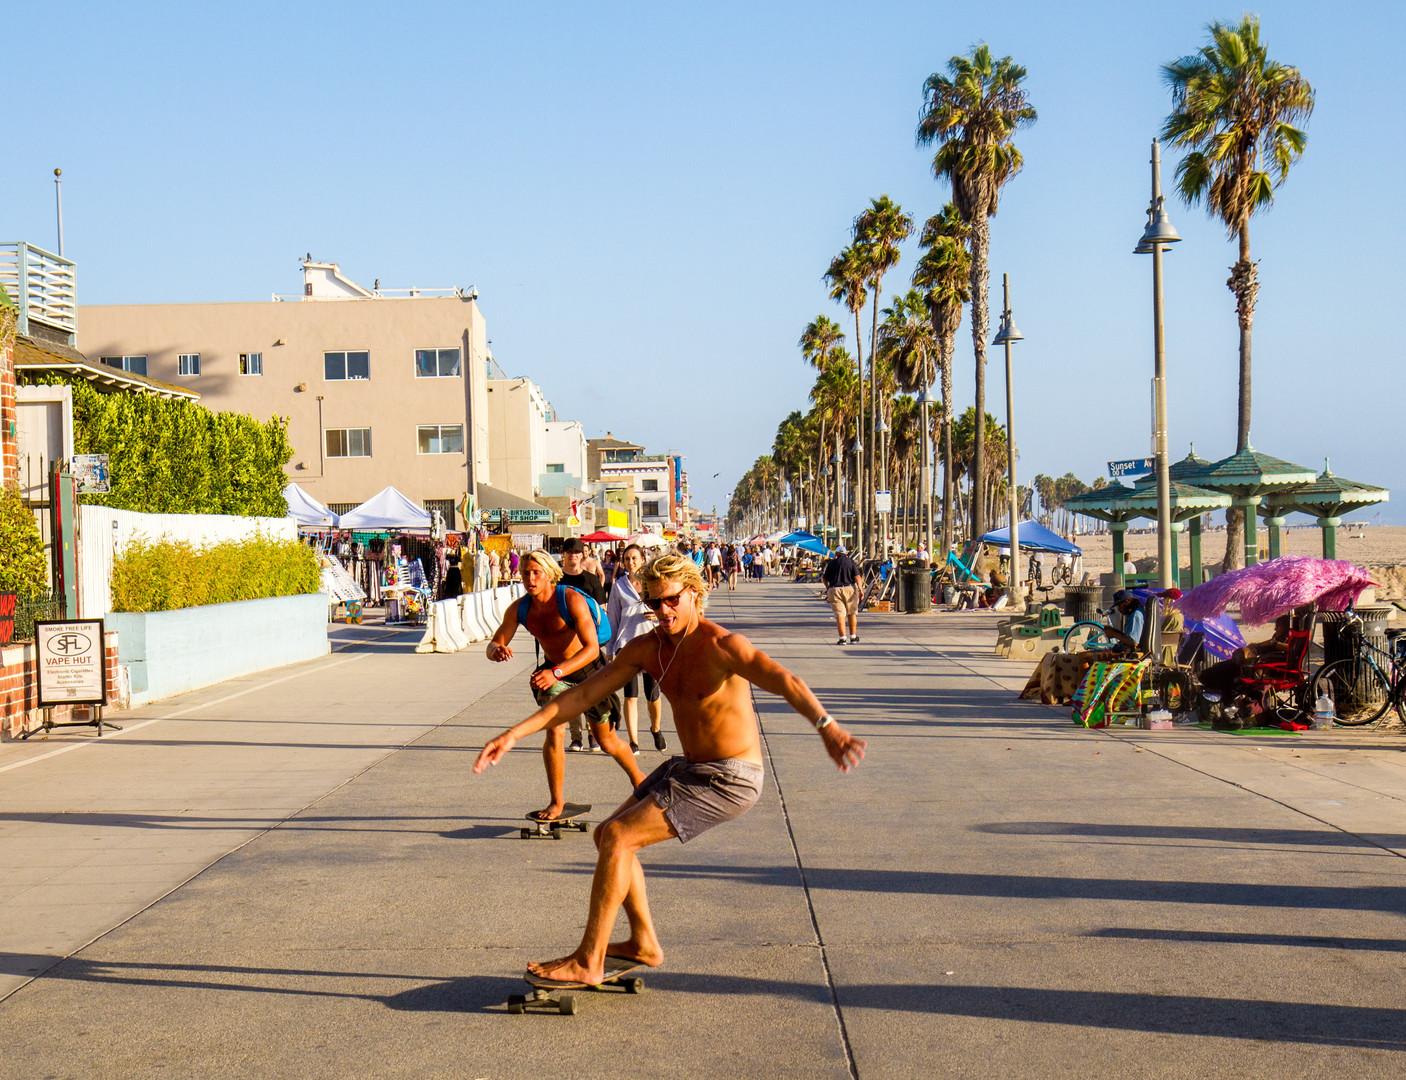 Пляж в Лос-Анджелесе.jpg